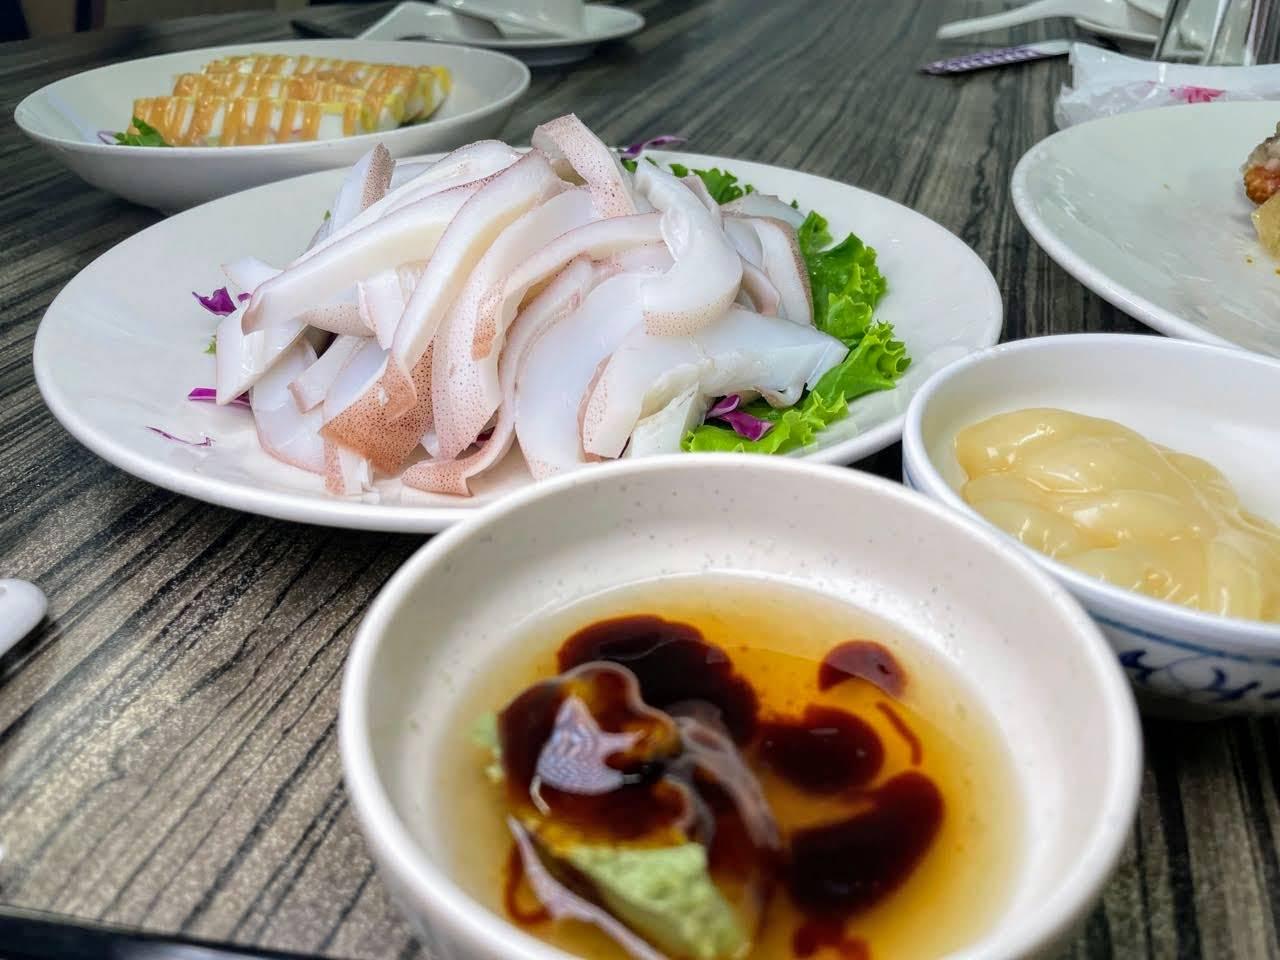 新村小吃部。澎湖也有好吃的甕仔雞跟難忘的招牌雞汁飯